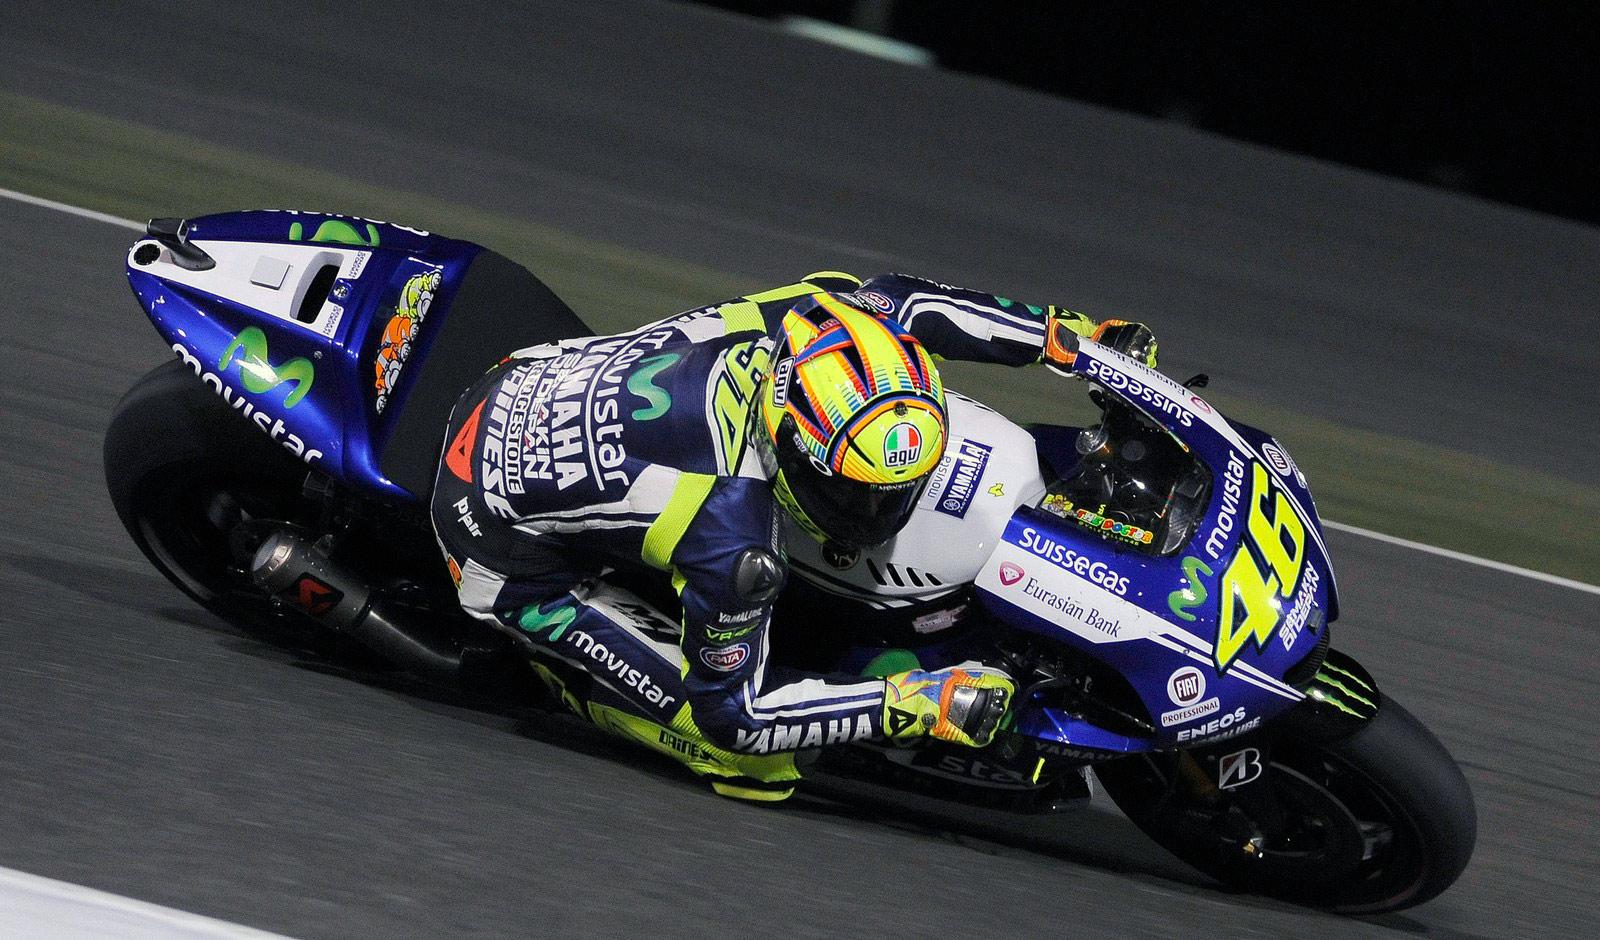 Valentino Rossi MotoGP Wallpapers Widescreen 4233 Wallpaper 1600x940